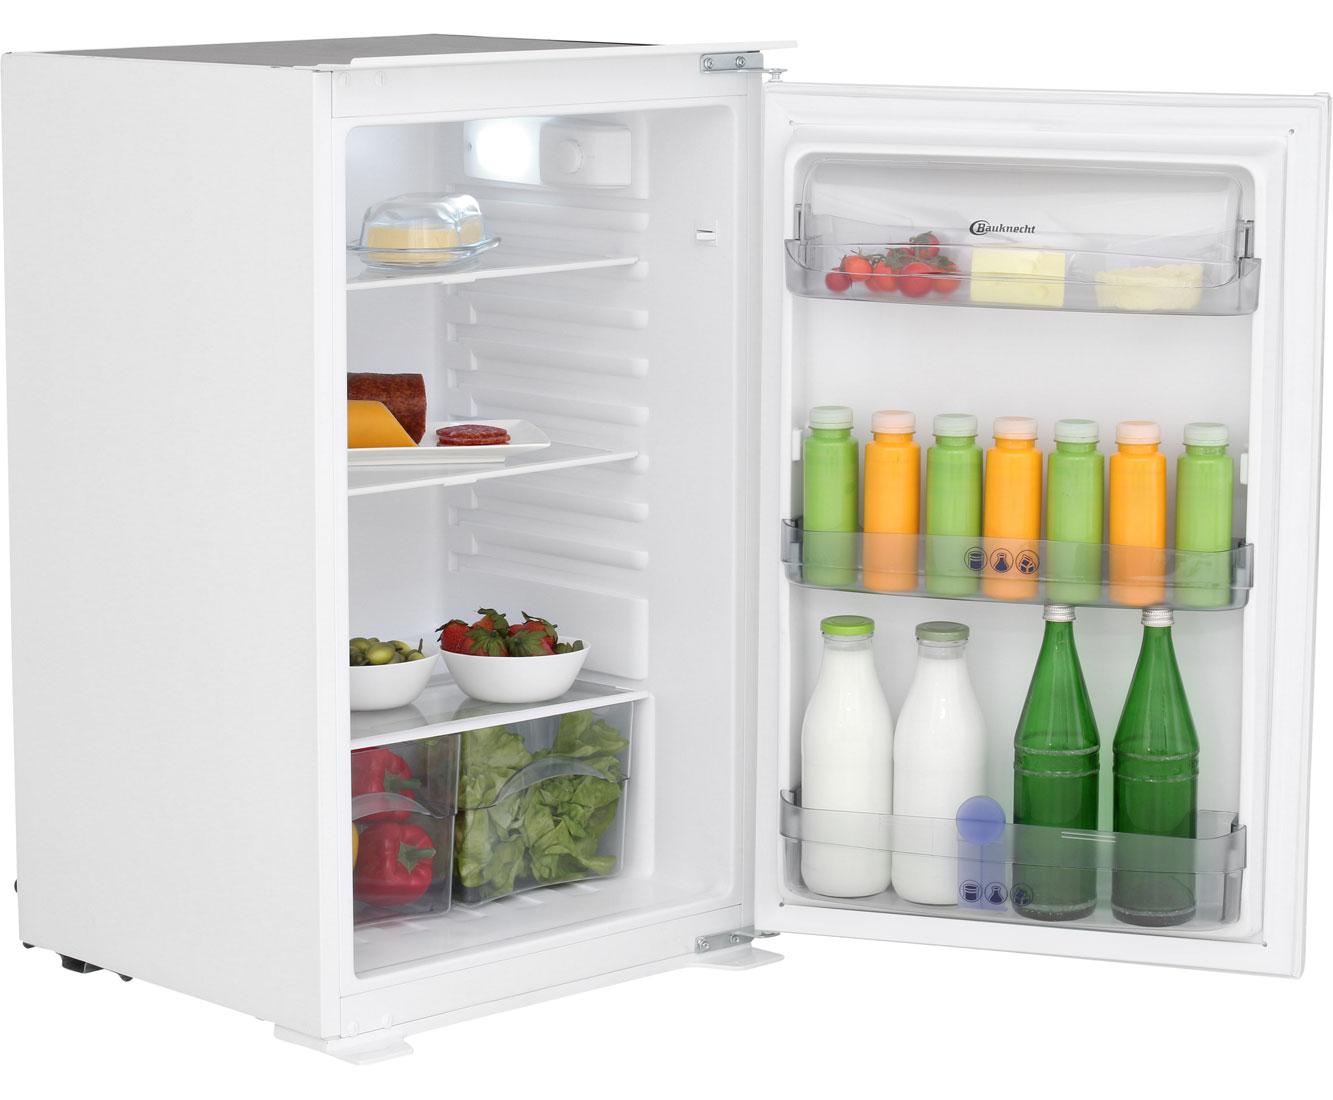 Aeg Kühlschrank Idealo : Gorenje retro kühlschrank idealo gorenje rk oc ab